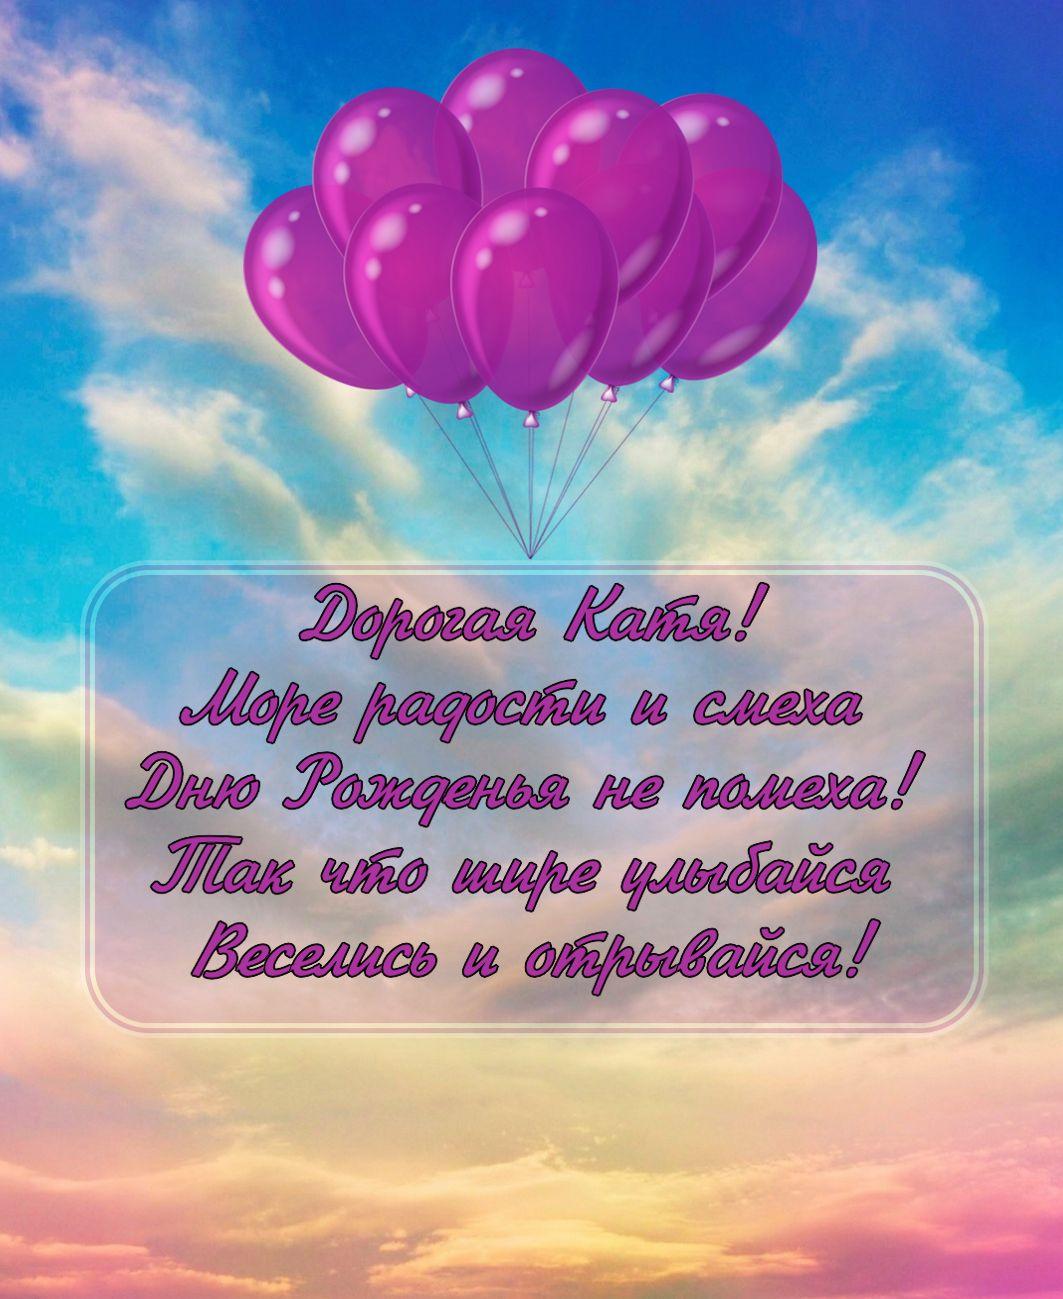 Открытка - шарики в небе и поздравление дорогой Кате